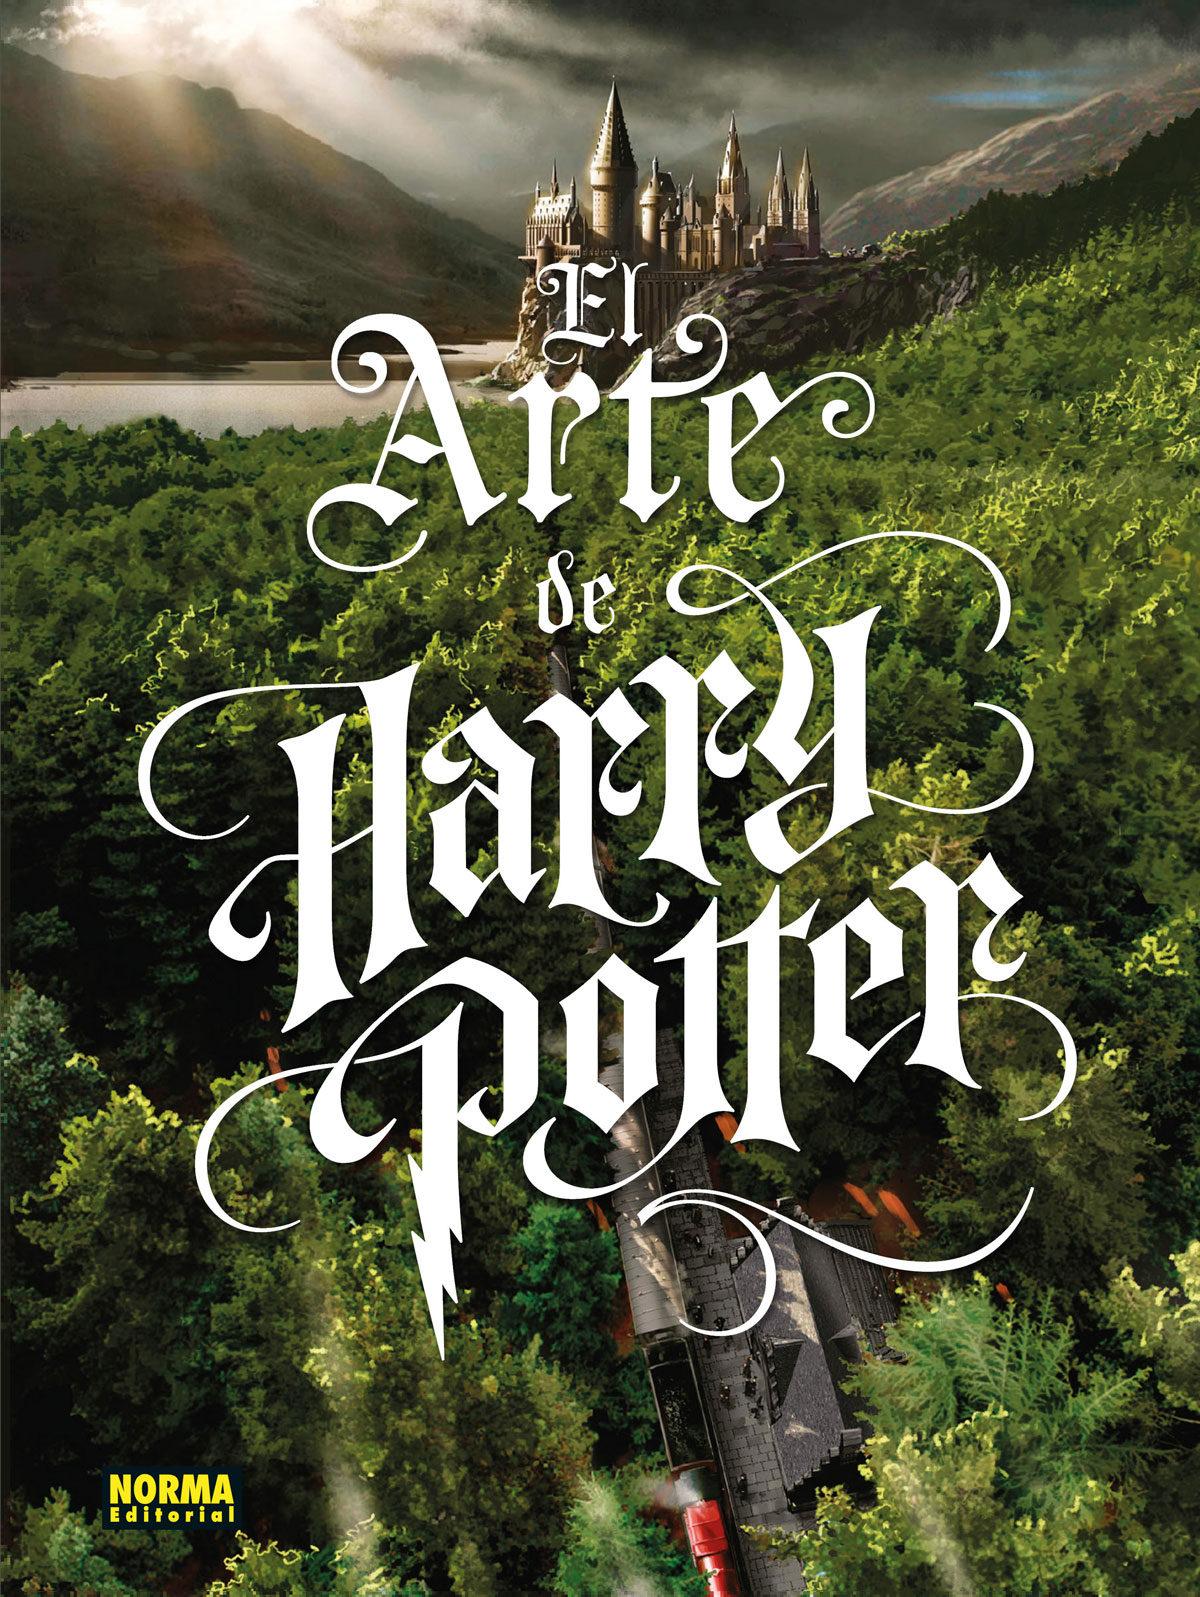 el arte de harry potter-marc sumerak-9788467928754